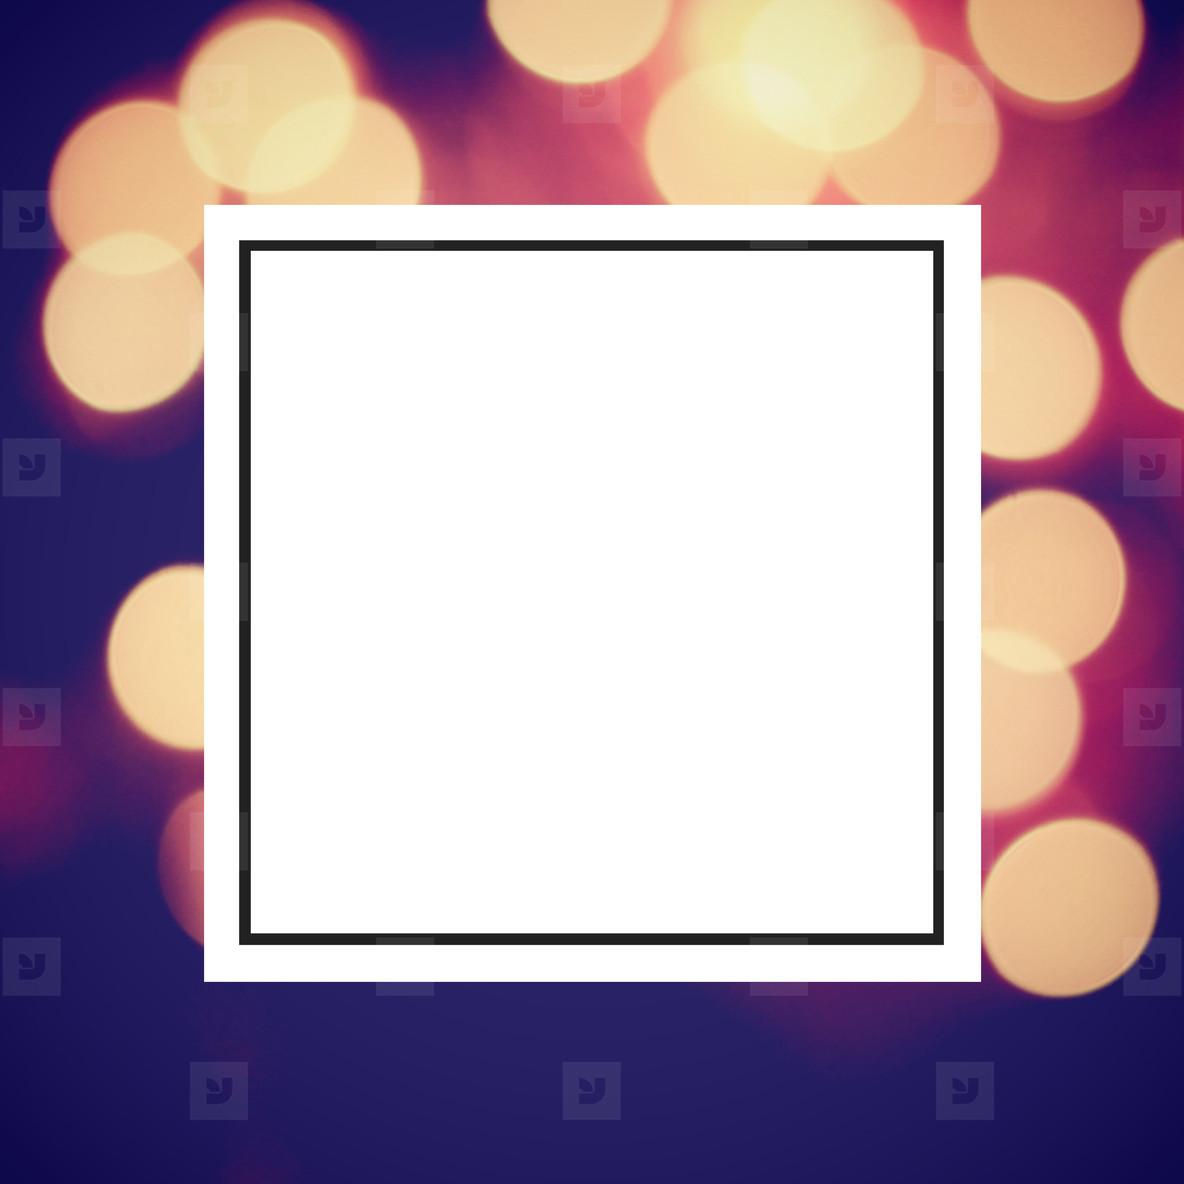 bokeh light and design frame